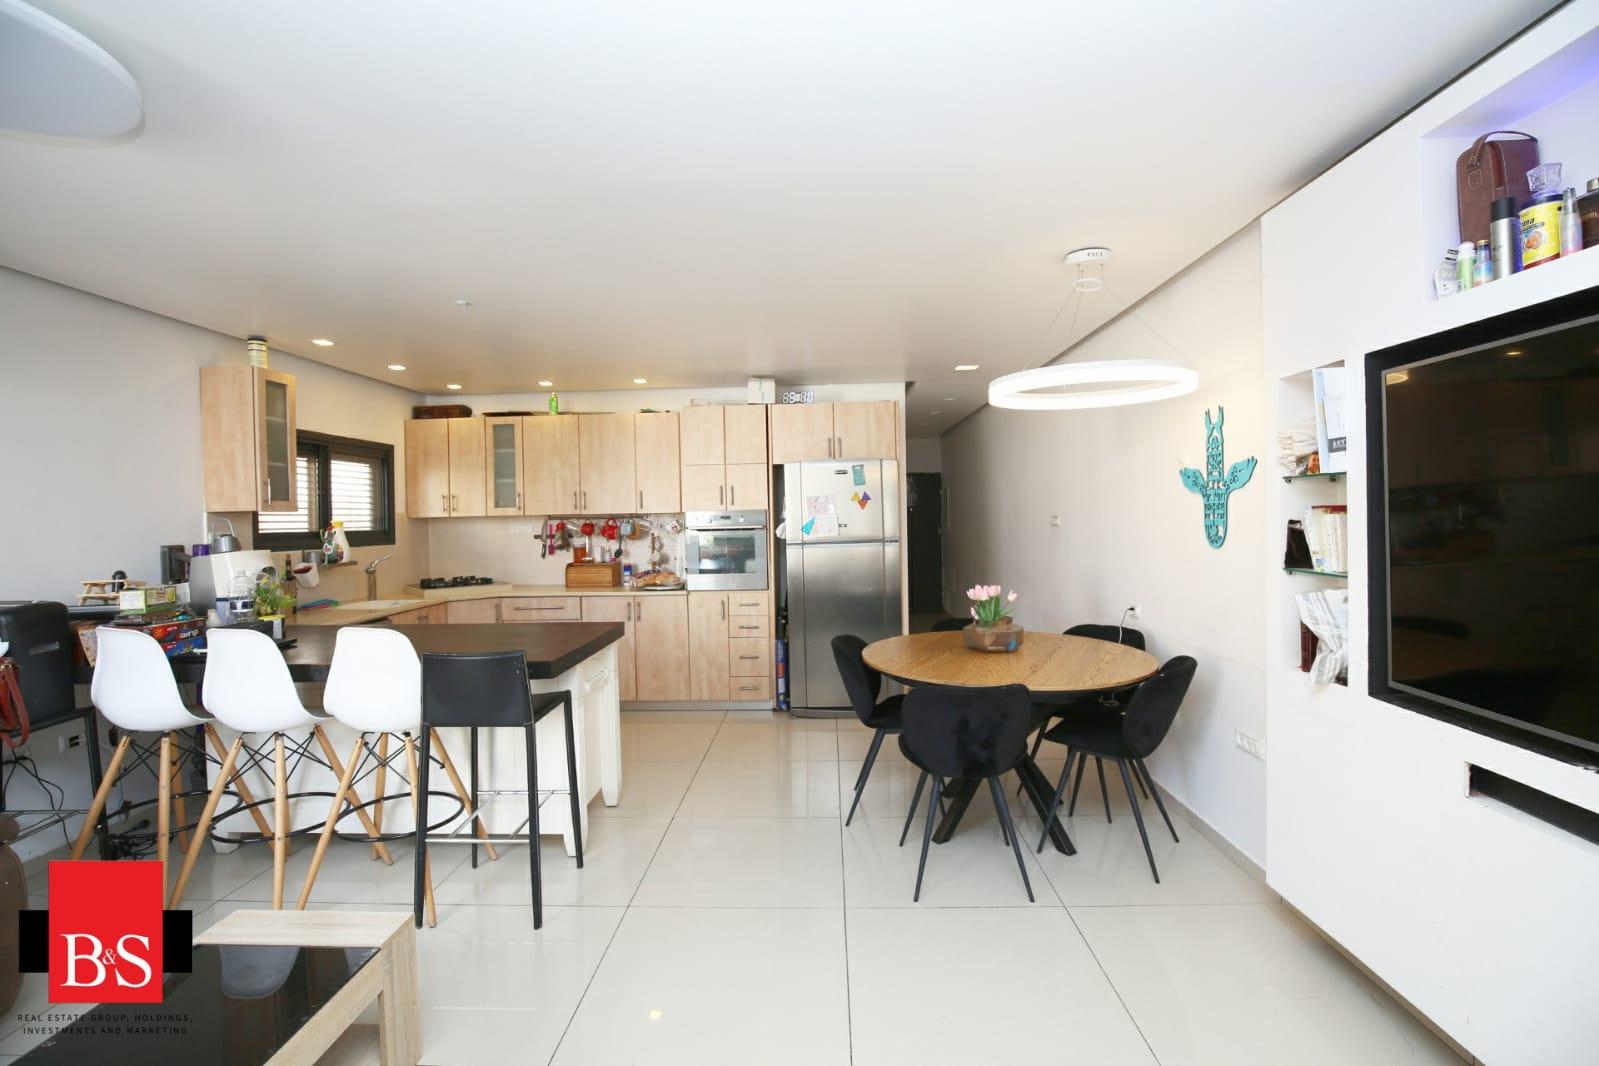 במרכז העיר, ויצמן 105, דירת 4 חדרים משופצת ויפה בבניין עם מעלית